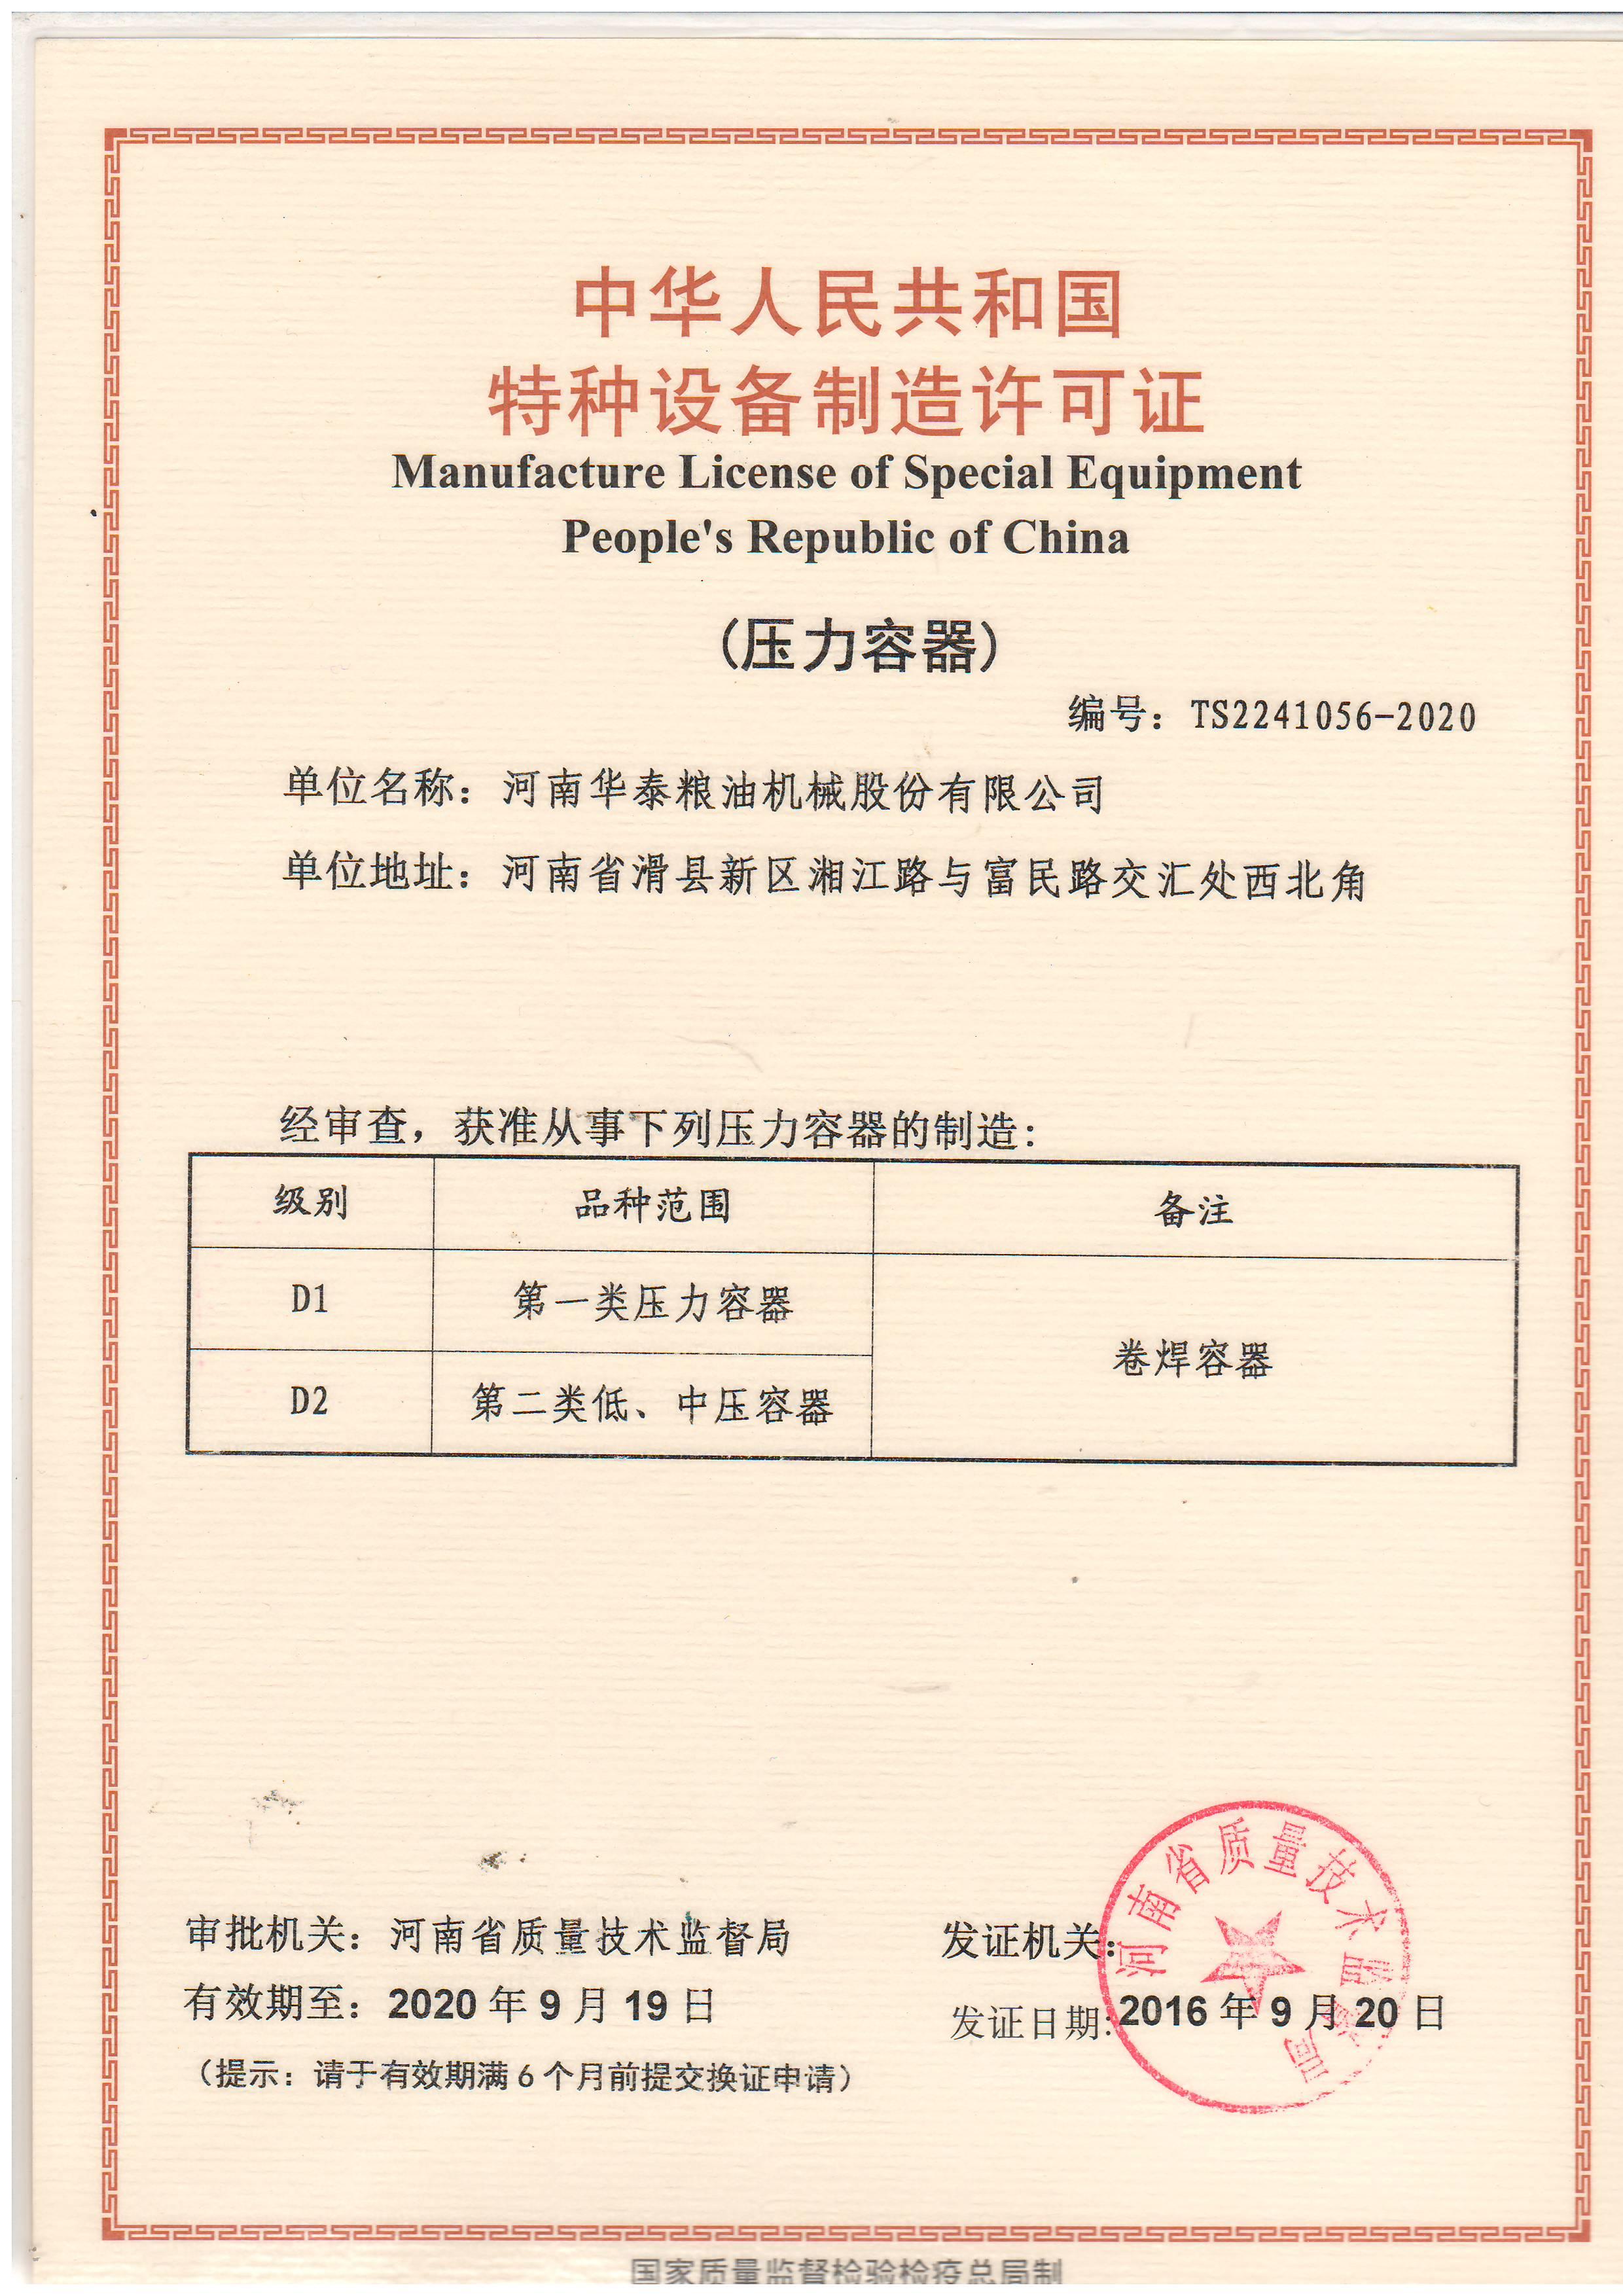 資質-特種設備制造許可證-壓力容器